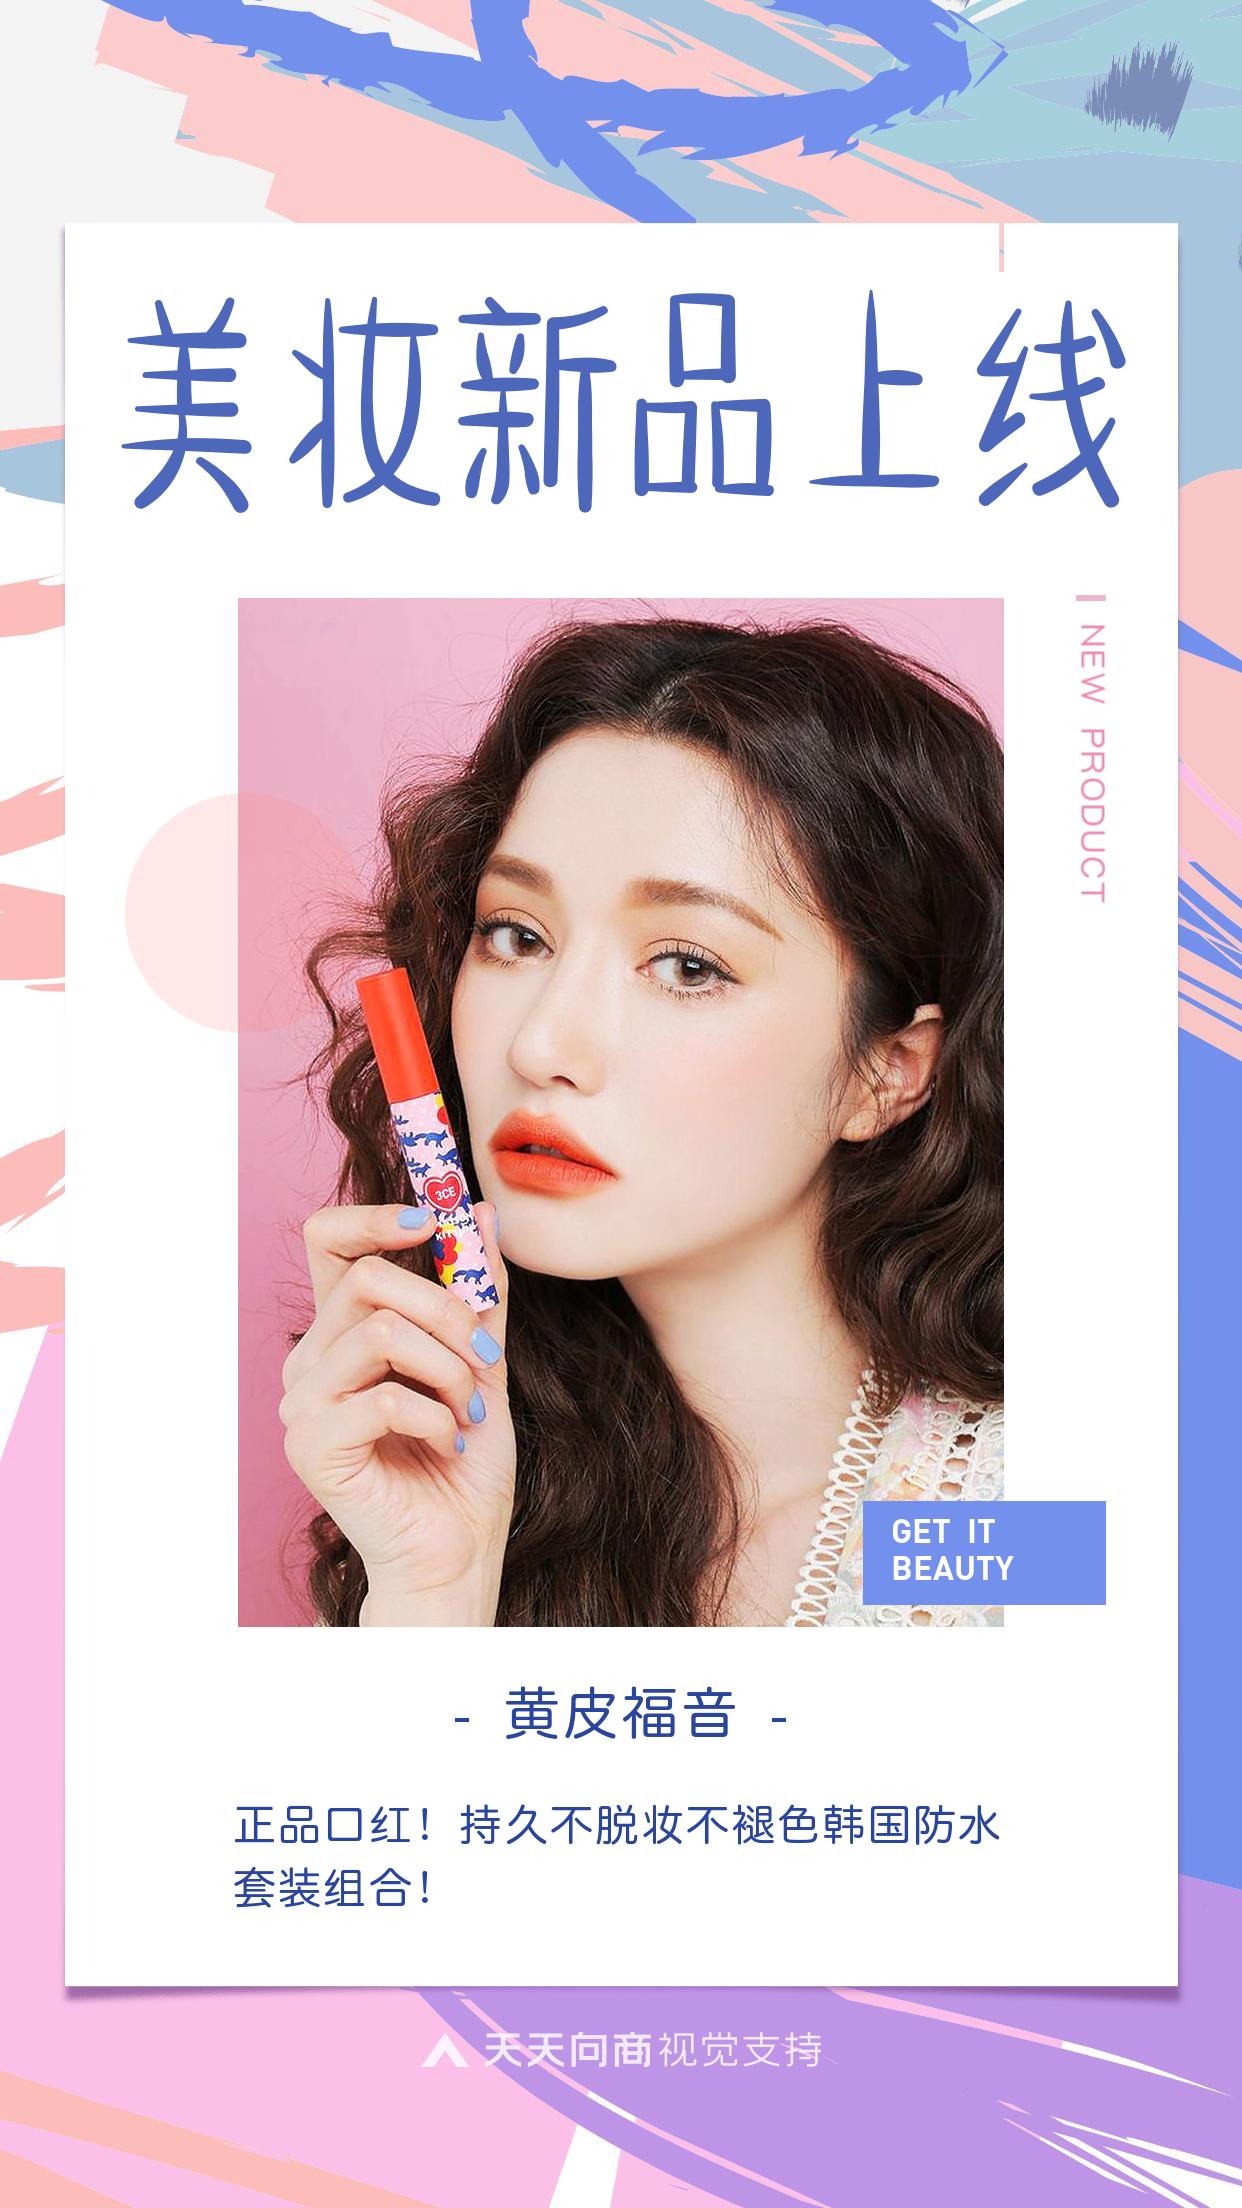 美妆新品展示营销